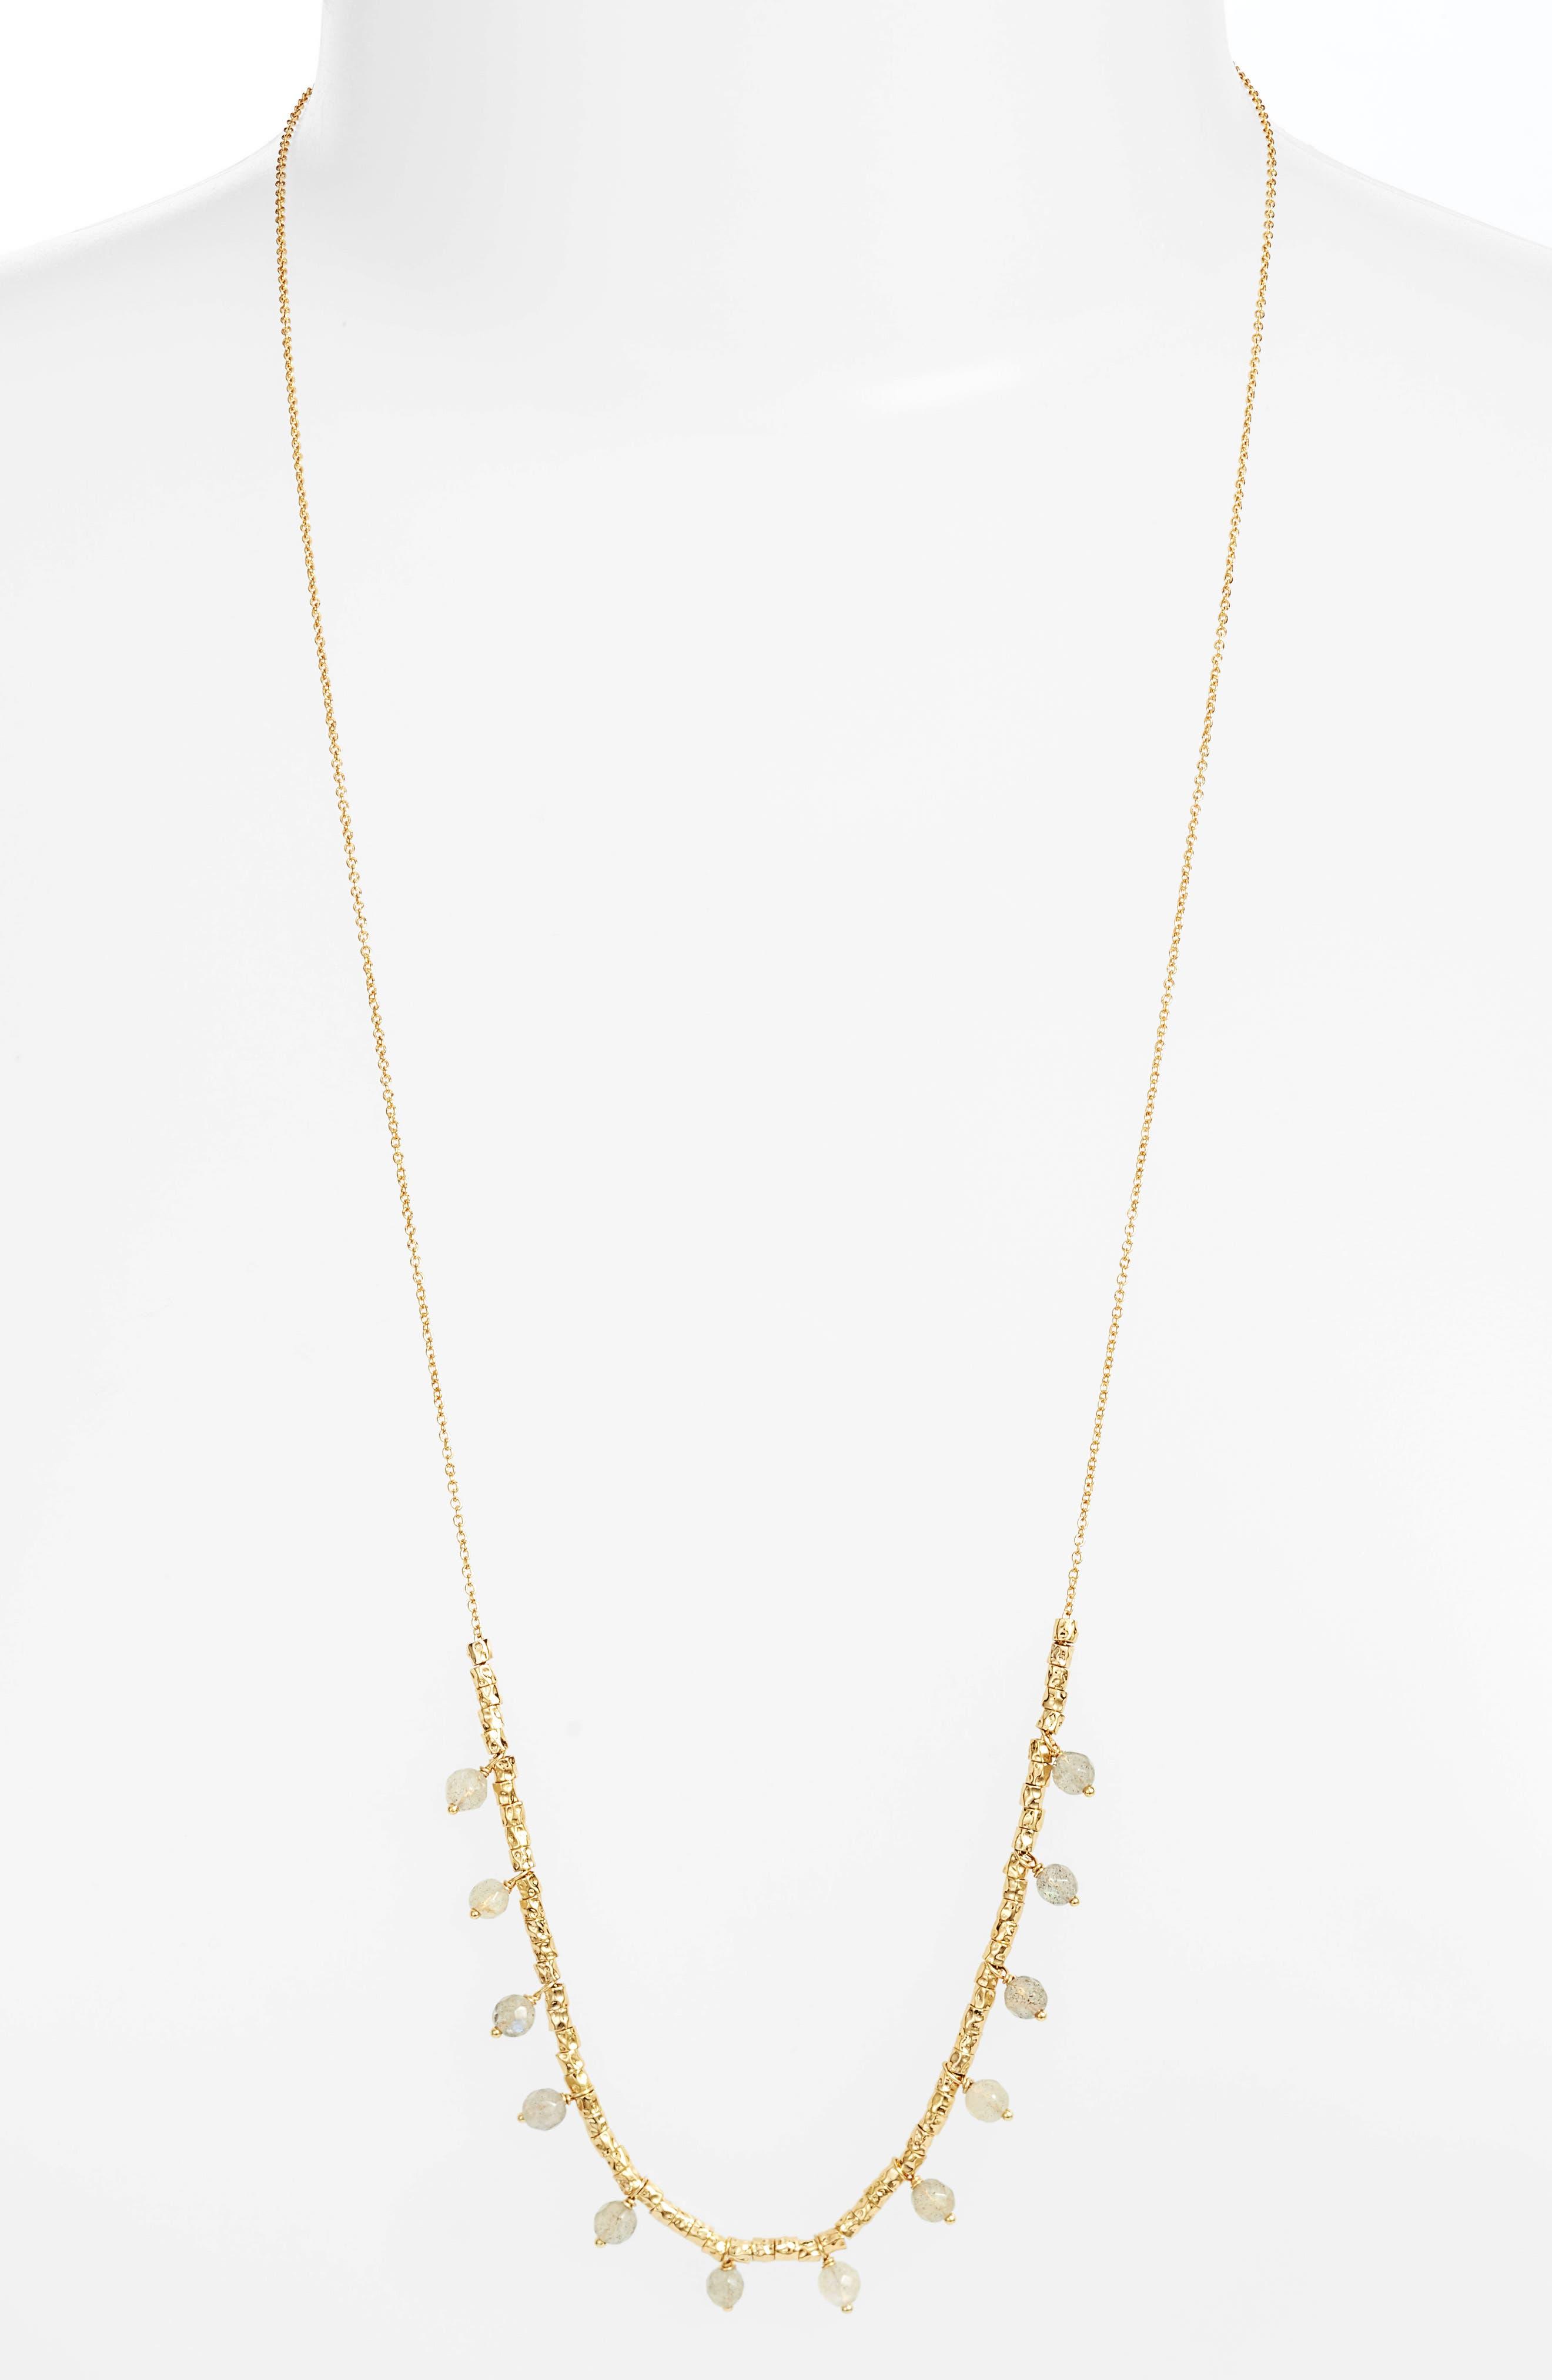 Main Image - gorjana Palisades Adjustable Necklace